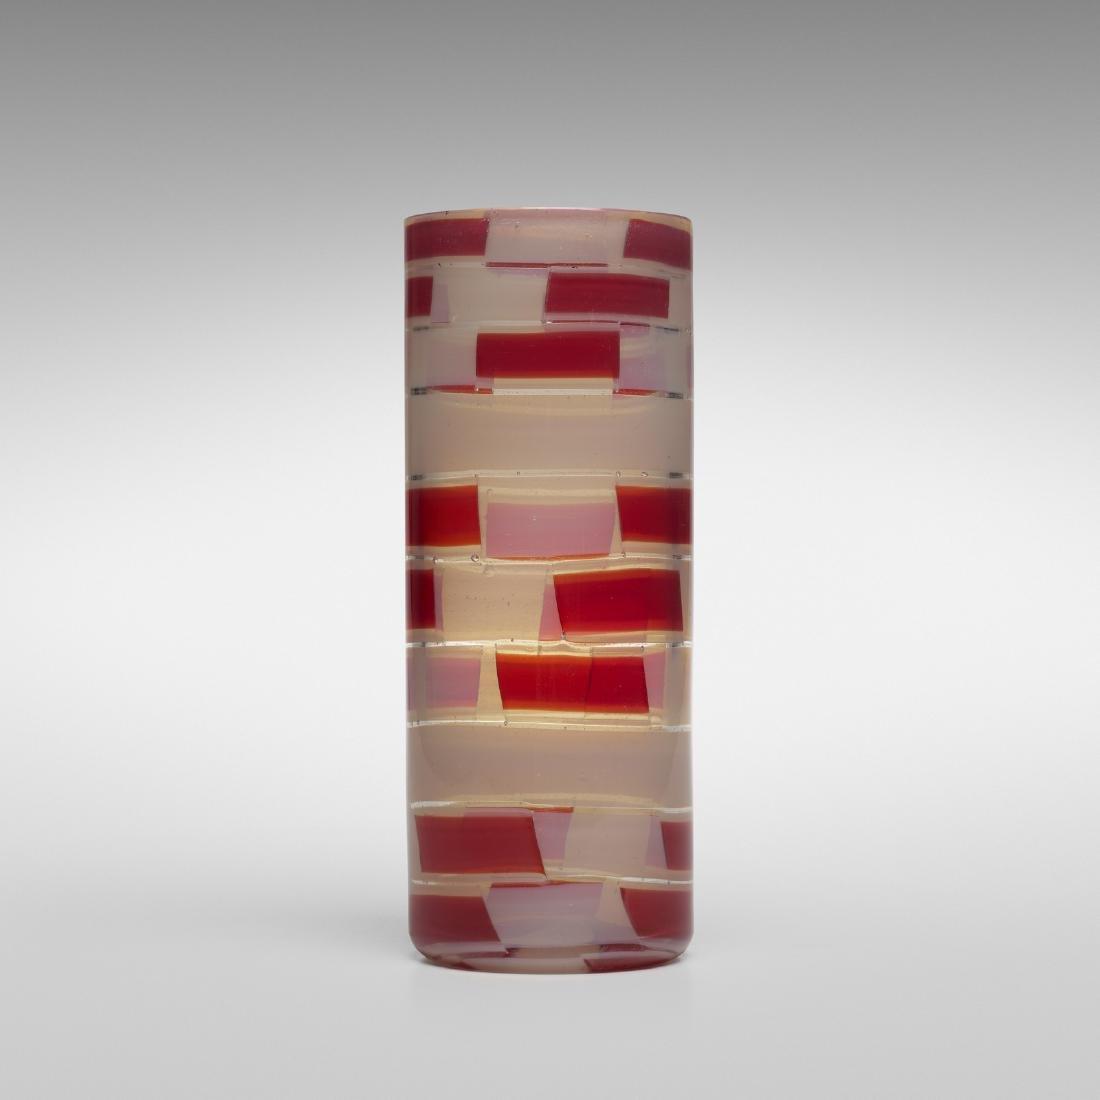 Ercole Barovier, Pezzato vase